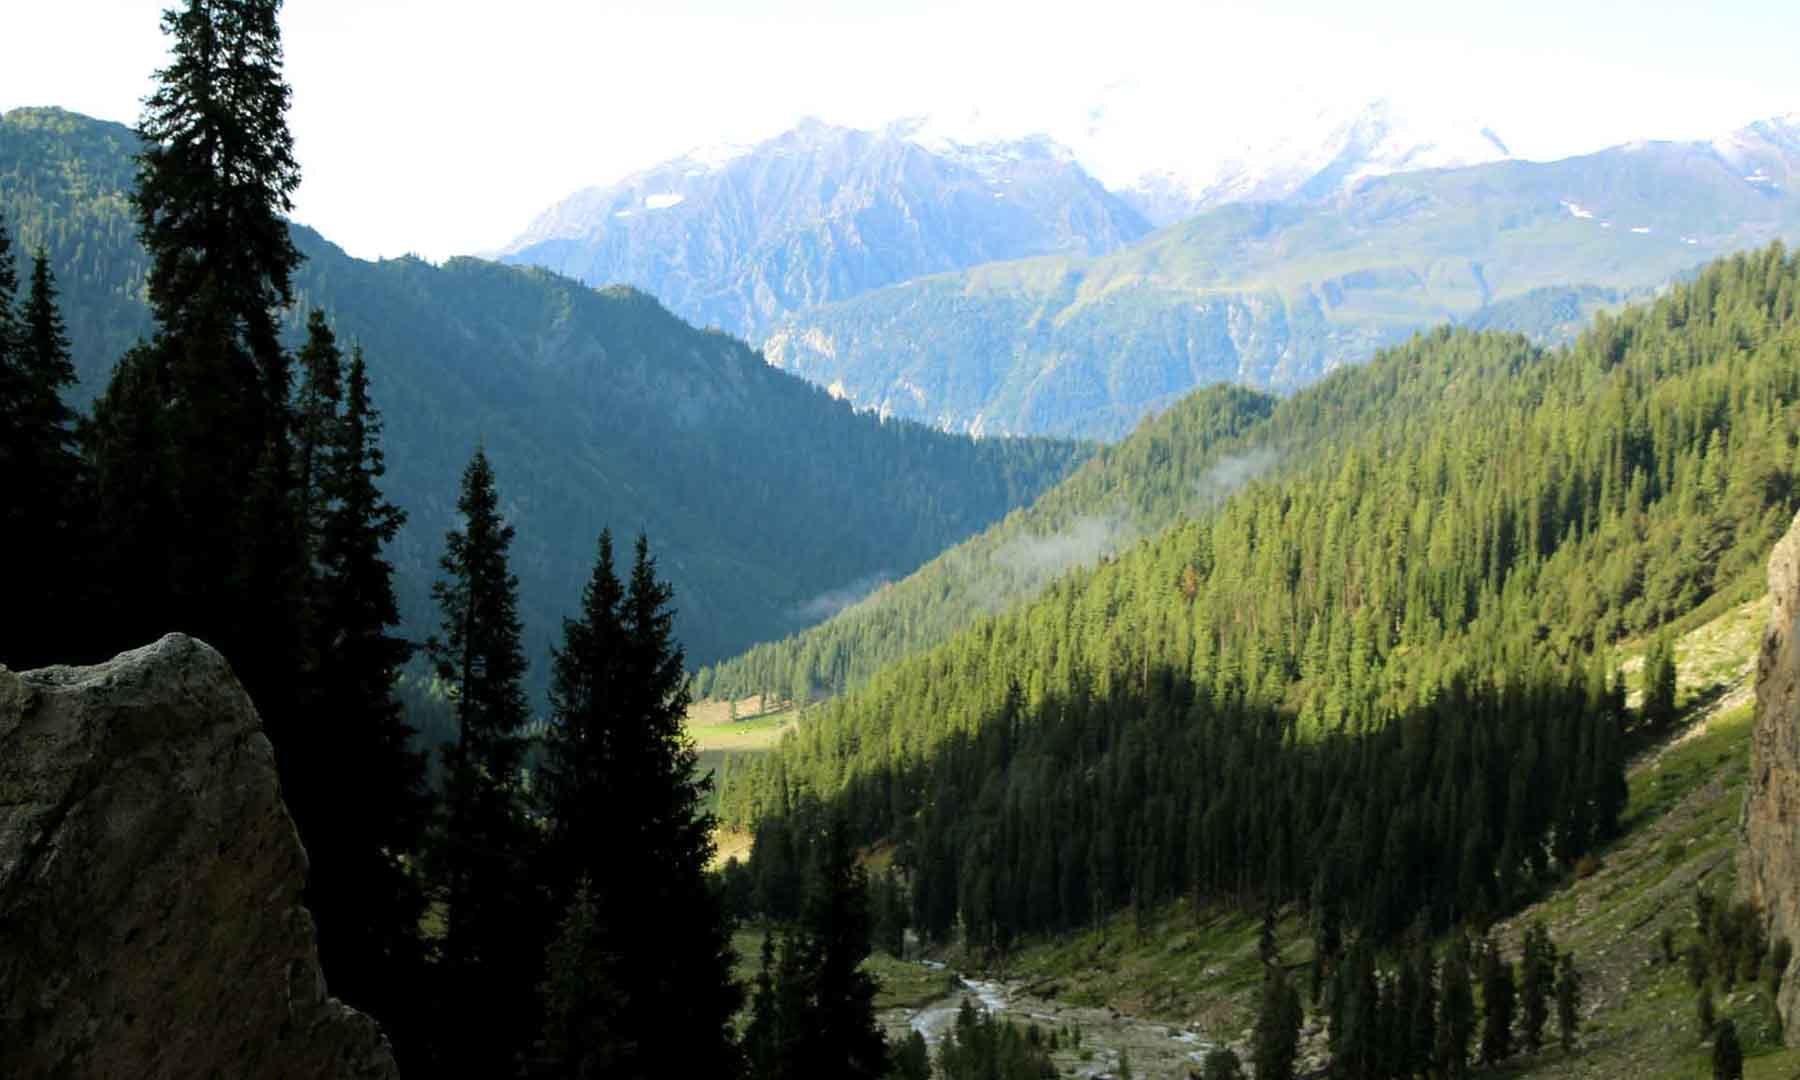 جانشئی بانڈہ کا گھنا جنگل جس میں بے دریغ کٹائی جاری ہے